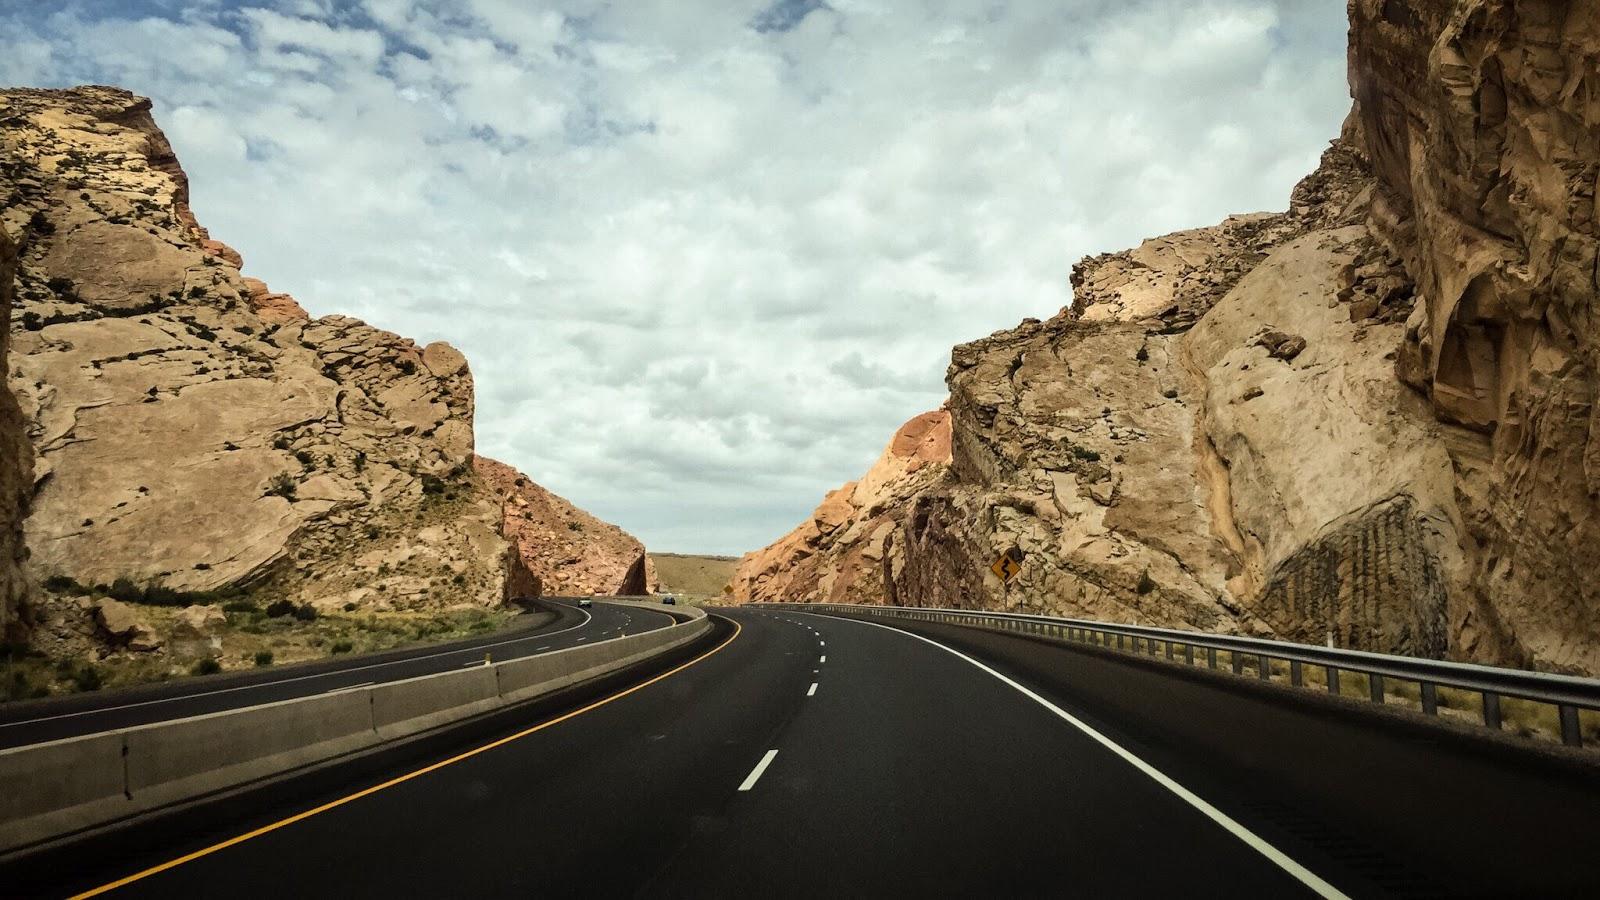 Inestabilidad de taludes en carreteras: tipos de movimientos que se producen